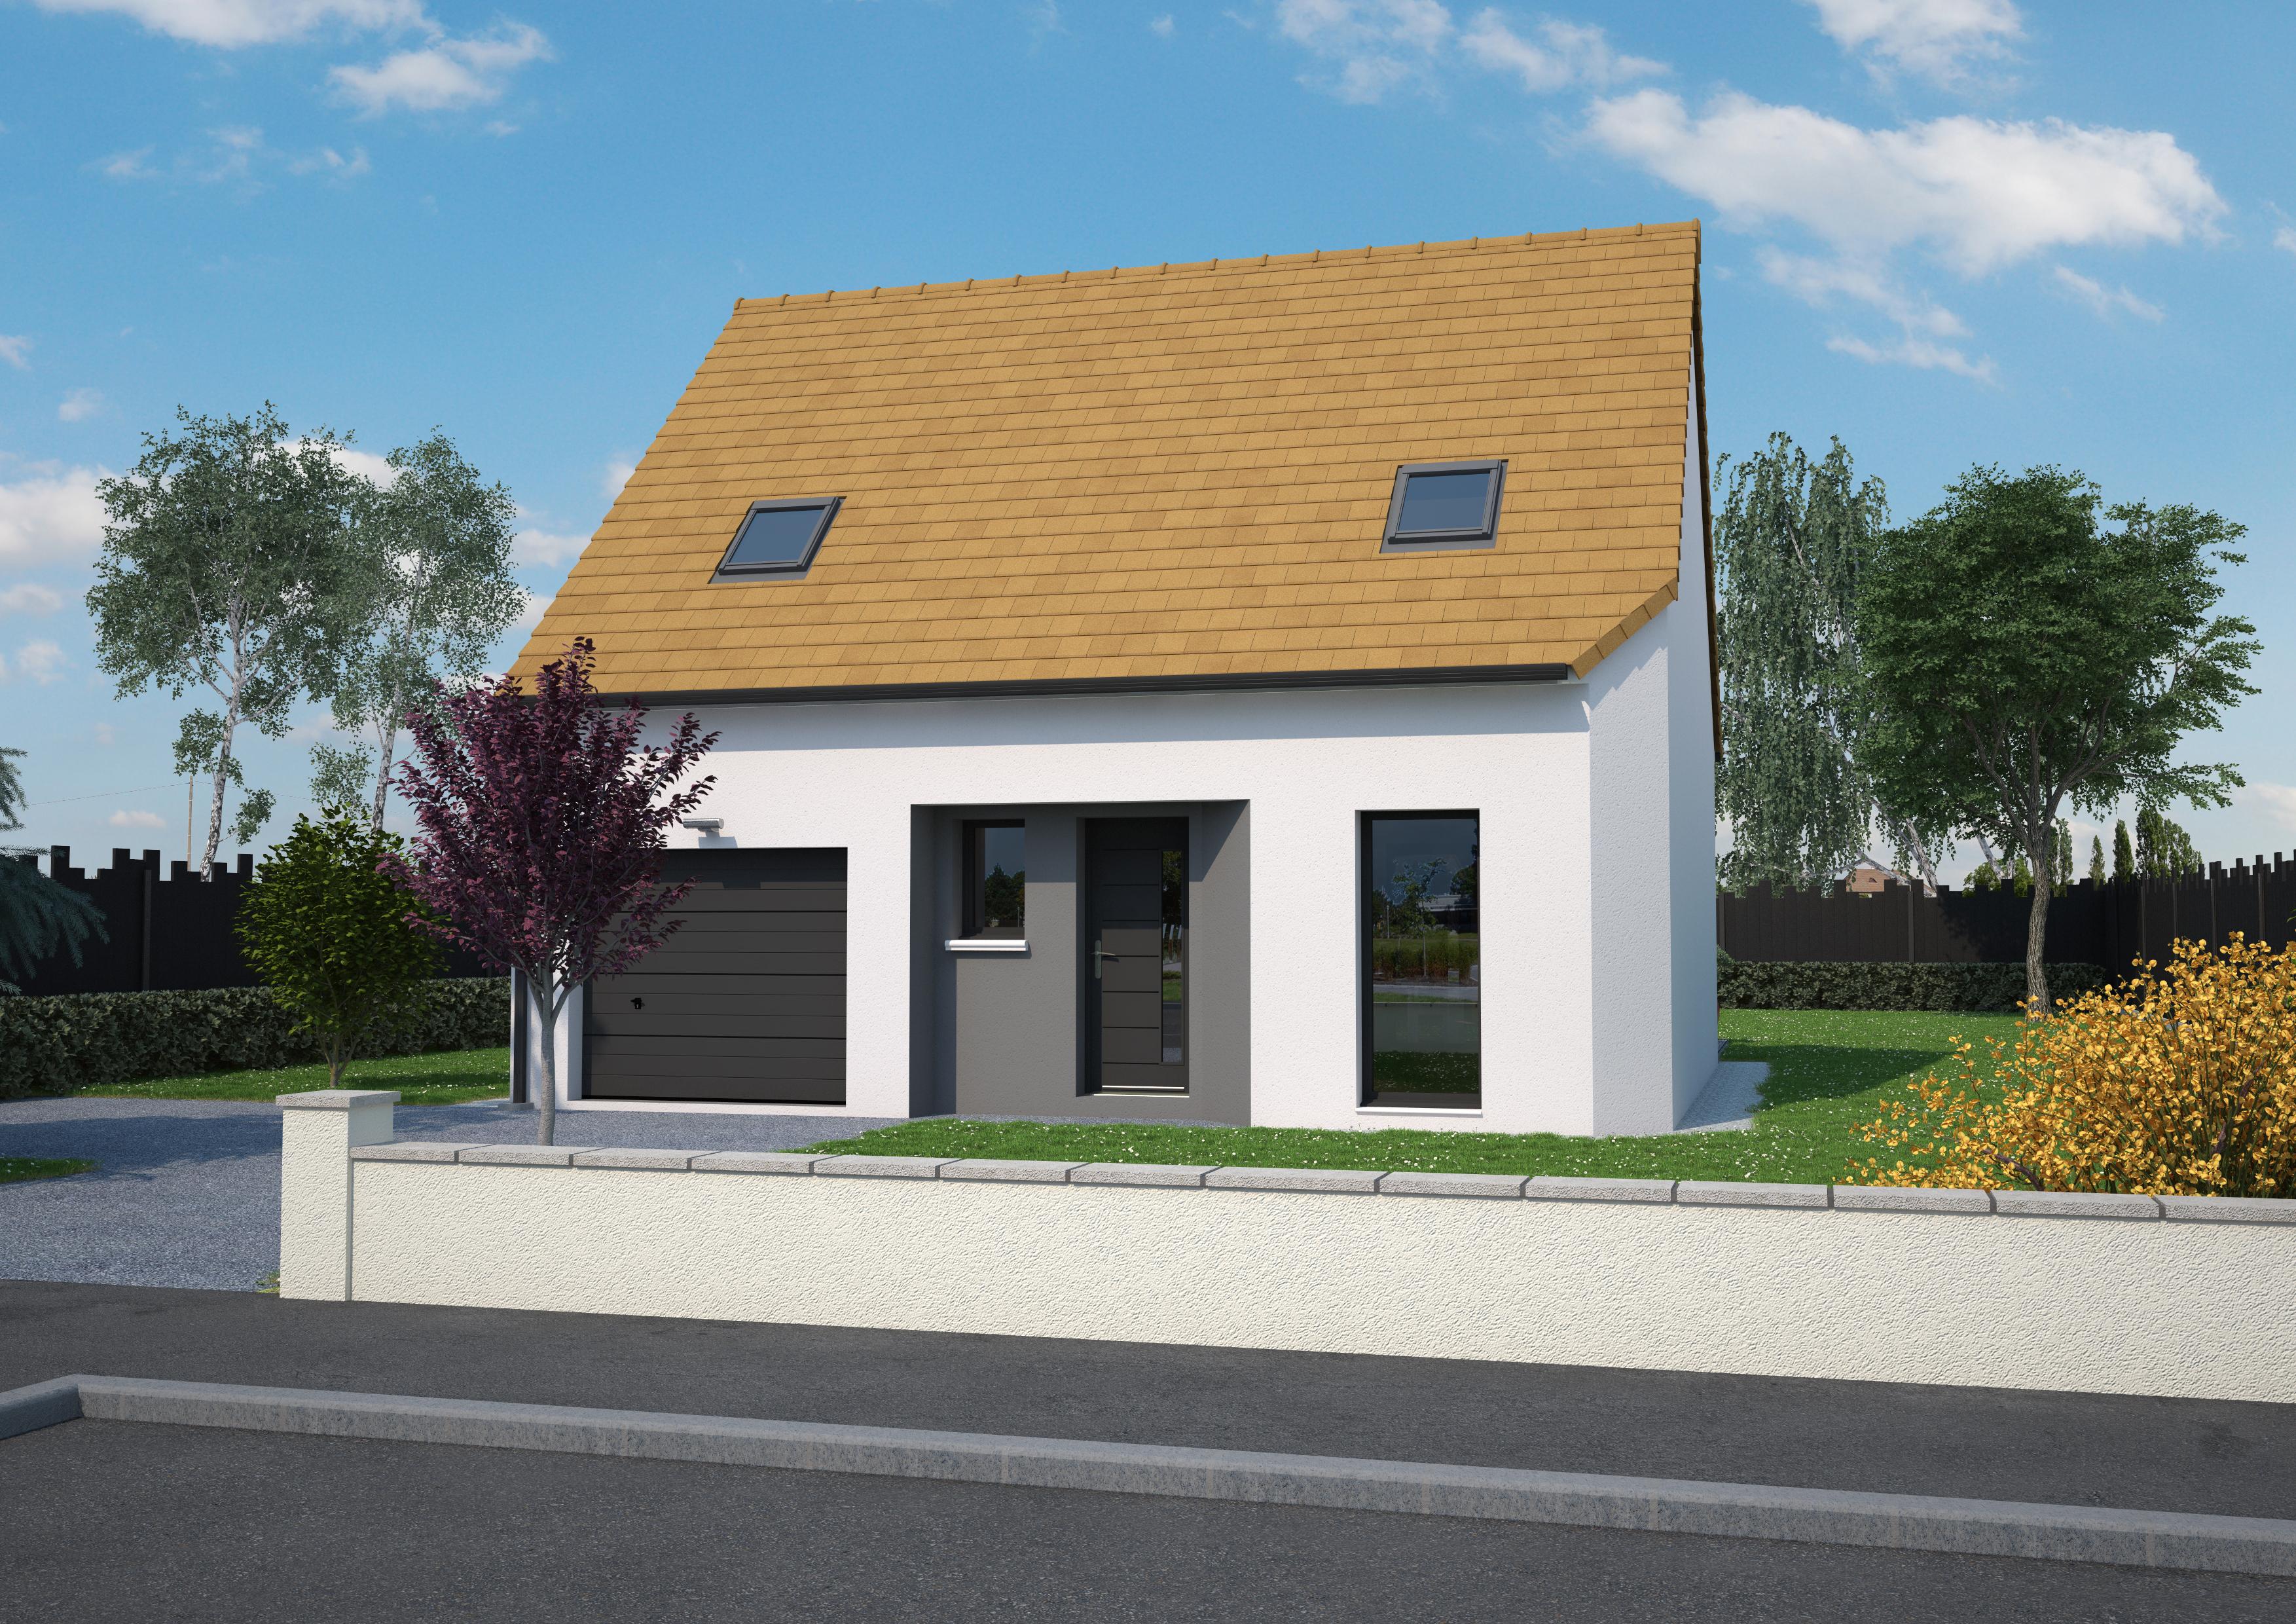 Maison à vendre à Pruillé